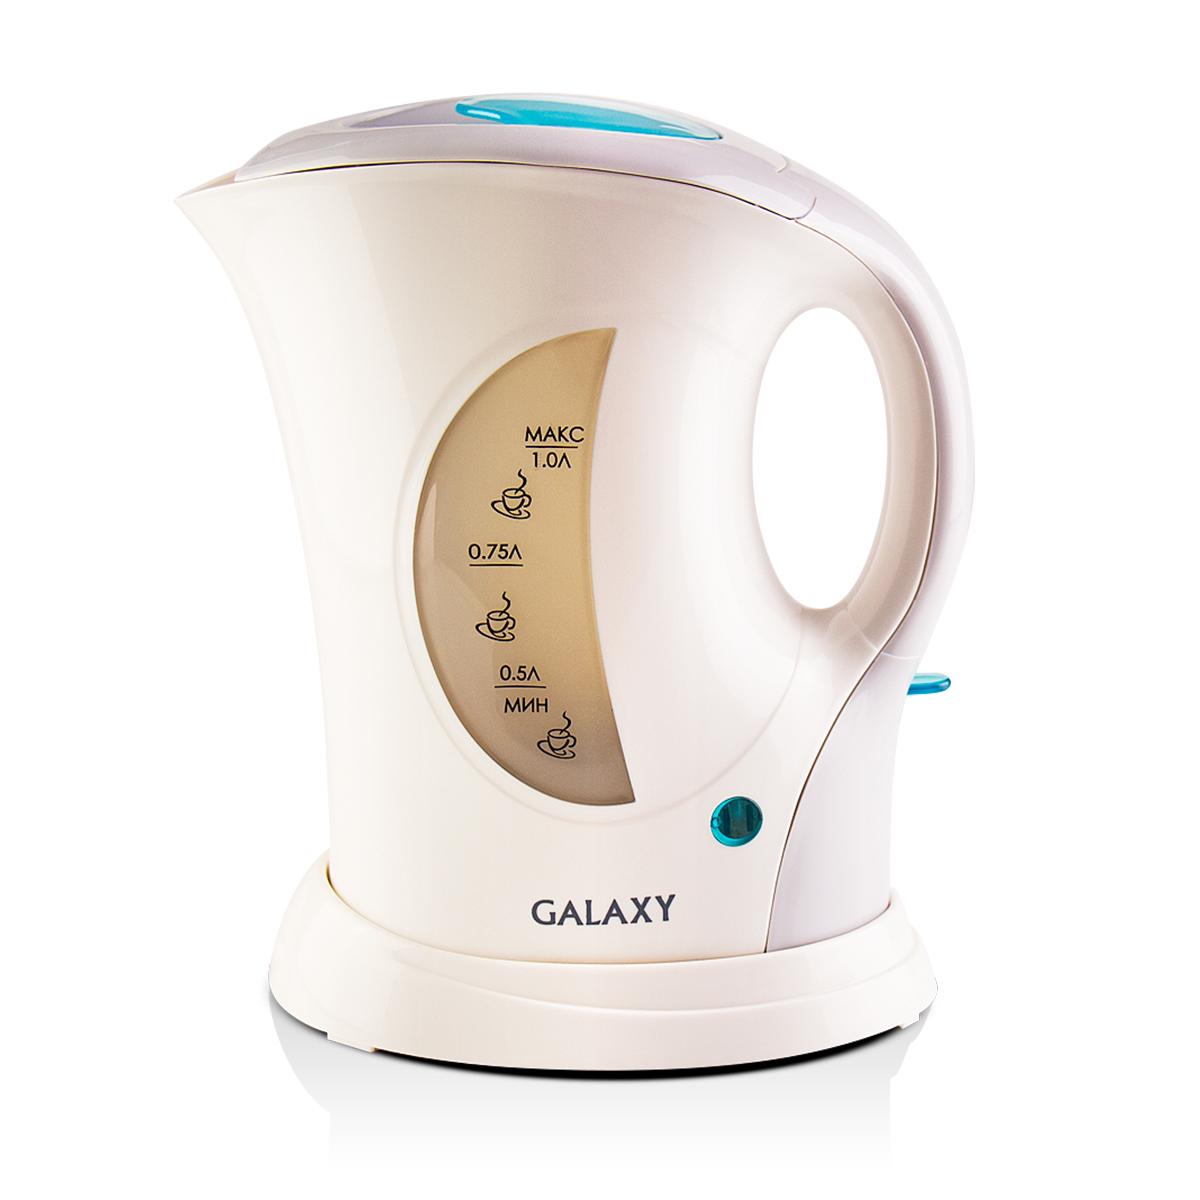 Galaxy GL 0105, White чайник электрический4630003363268Электрический чайник Galaxy GL 0105 отвечает всем современным требованиям надежности и безопасности. При его производстве используются только высококачественные и экологически безопасные материалы, а также нагревательный элемент и контроллеры высокого класса надежности. Устройство будет служить вам долгие годы, наполняя ваш быт комфортом! Galaxy GL 0105 - это мощная (900 Вт) модель объемом 1 л. С помощью этого чайника вы сможете приготовить чай на большую компанию за считанные минуты.